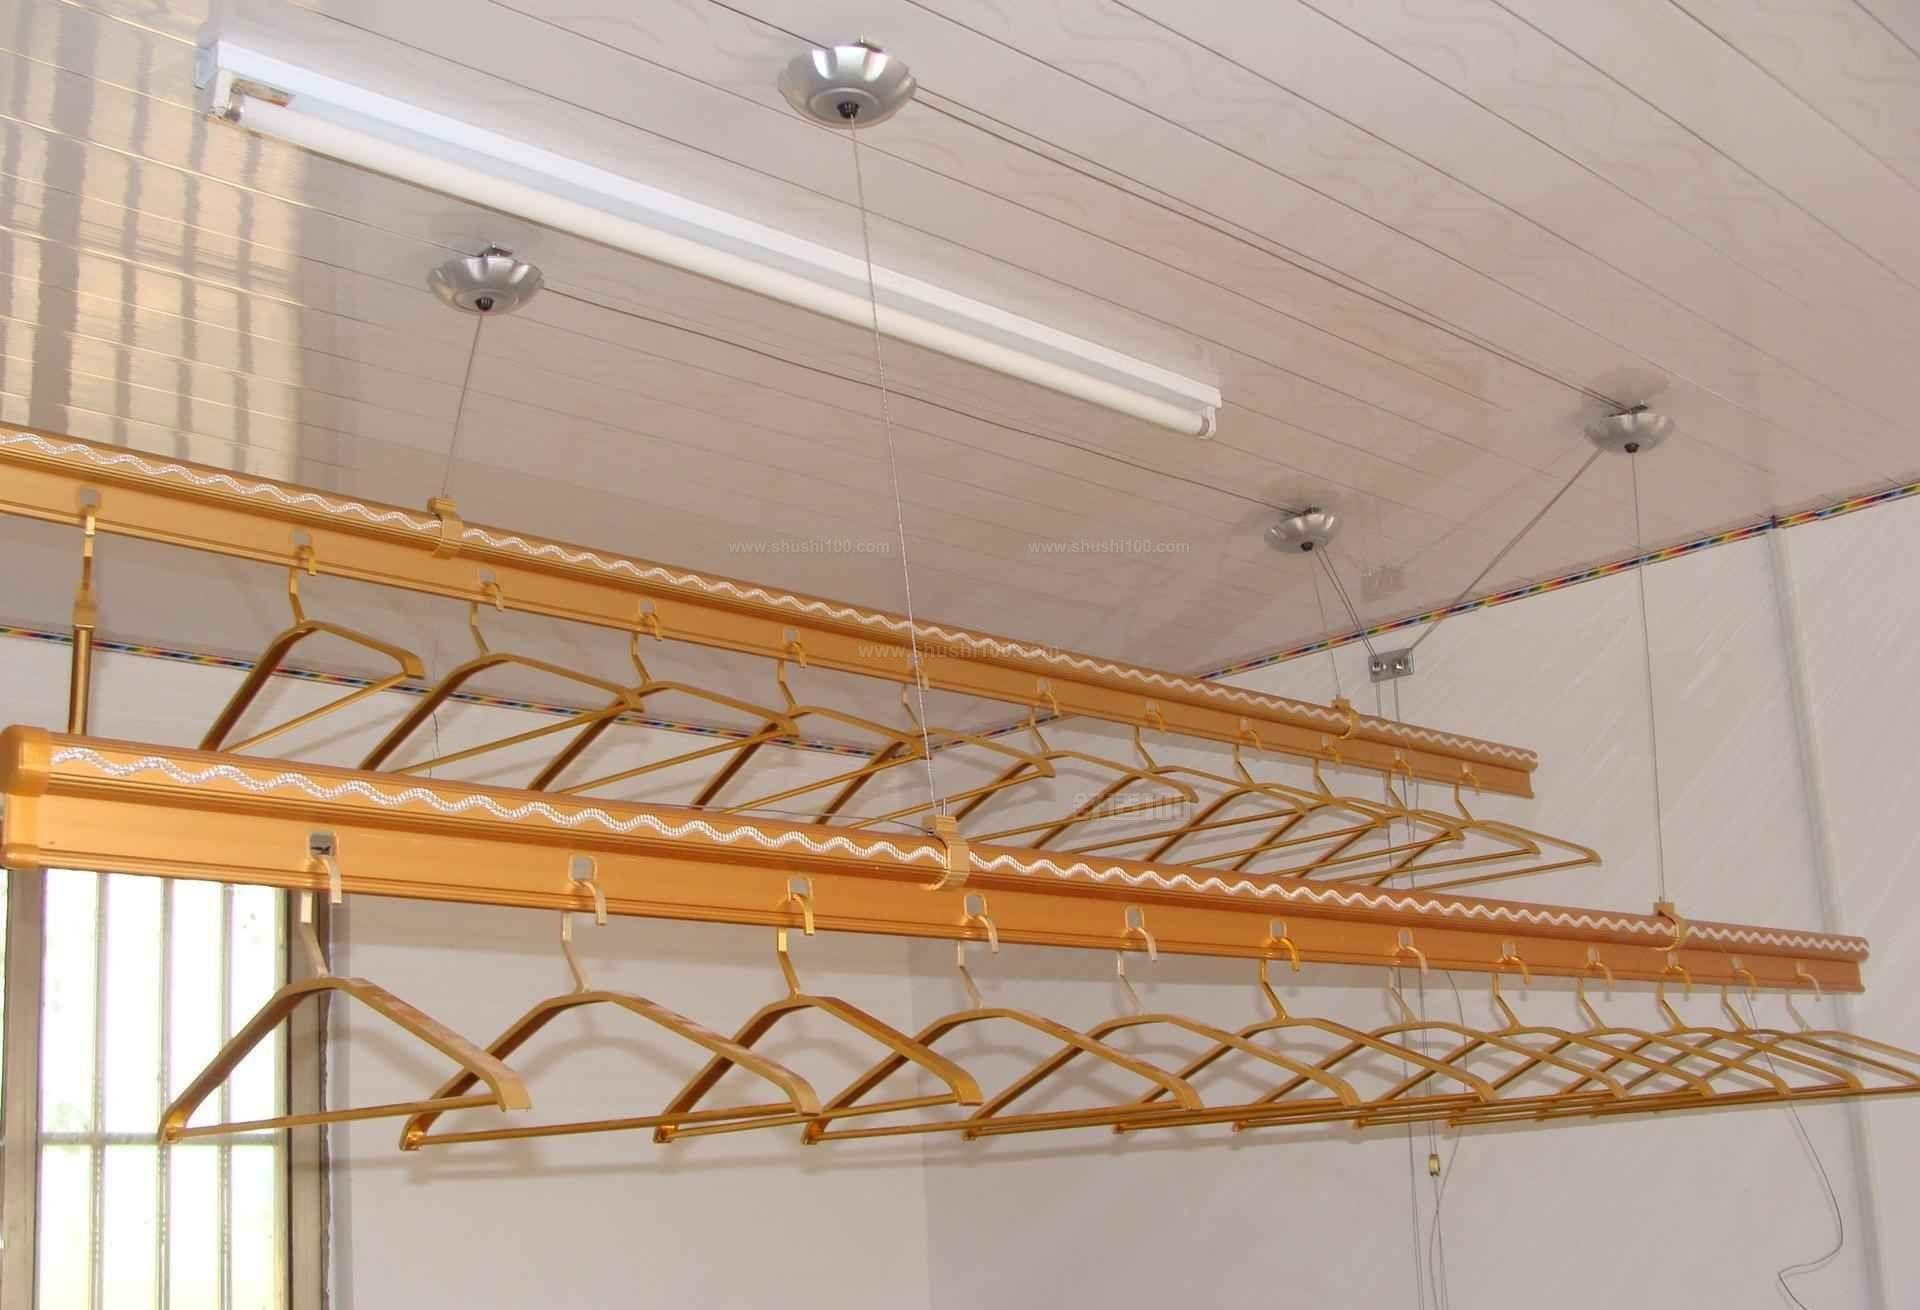 阳台升降晾衣架 阳台升降晾衣架选购技巧